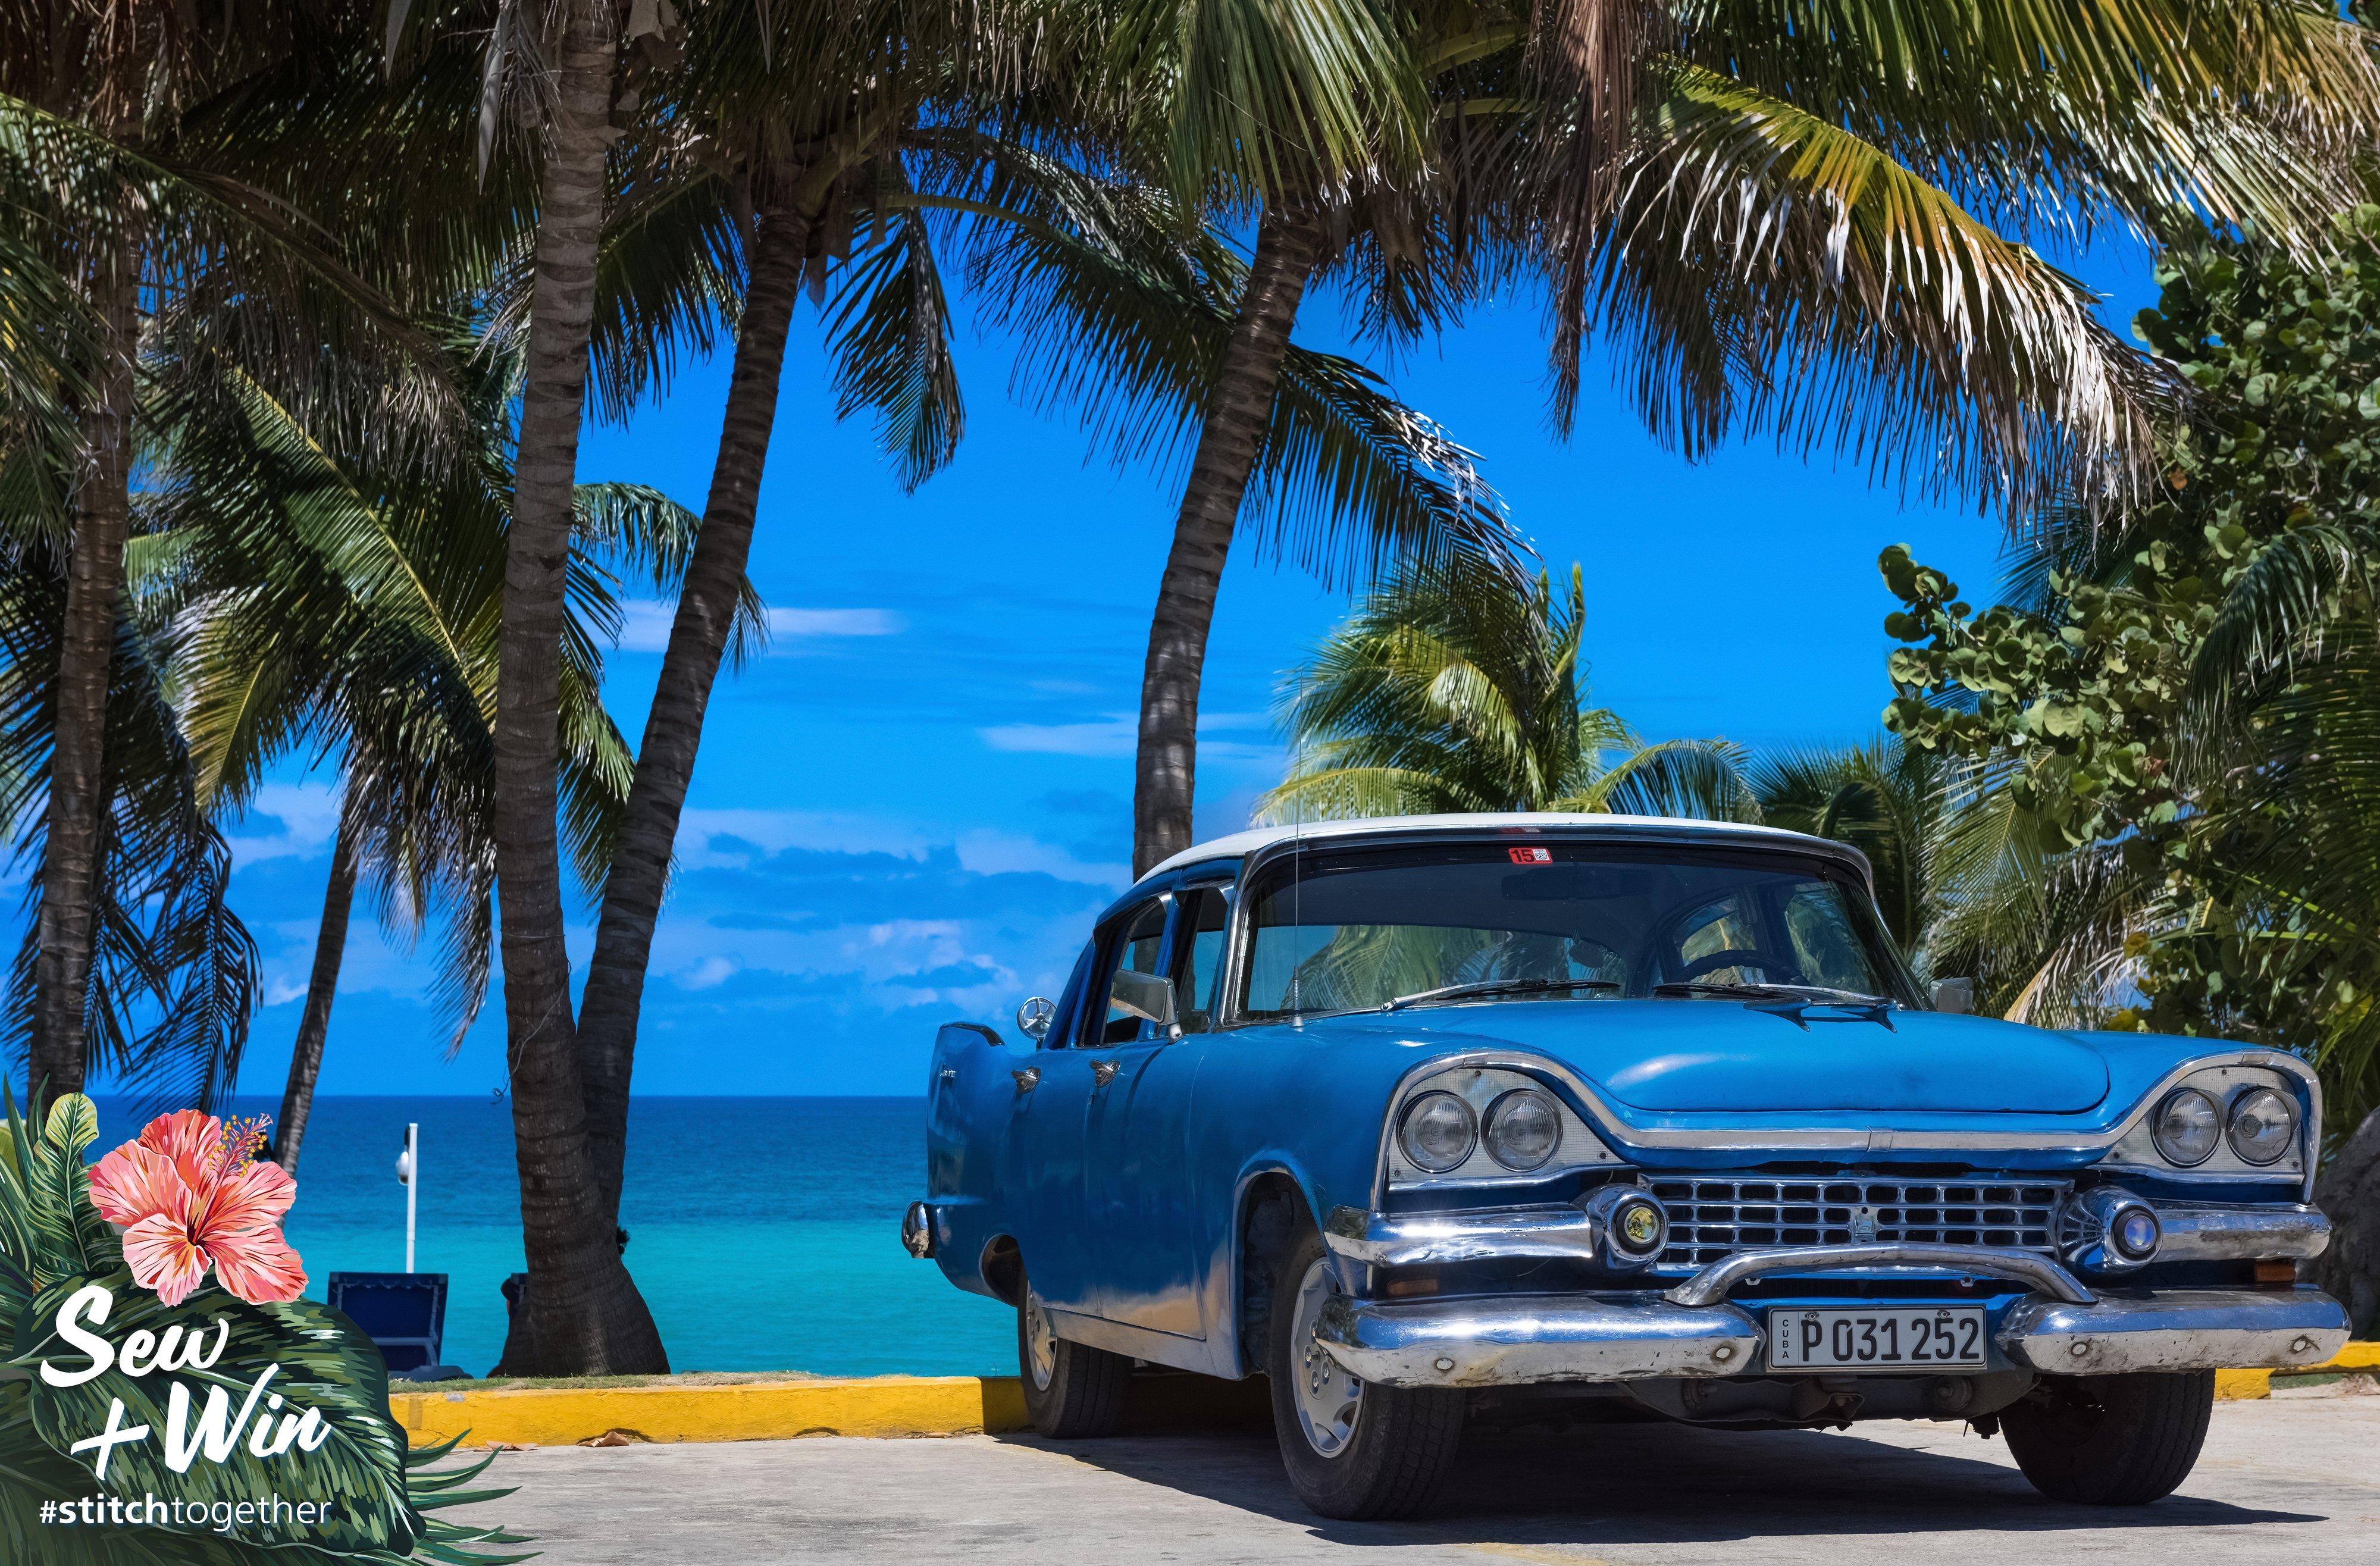 Reise nach Kuba gewinnen